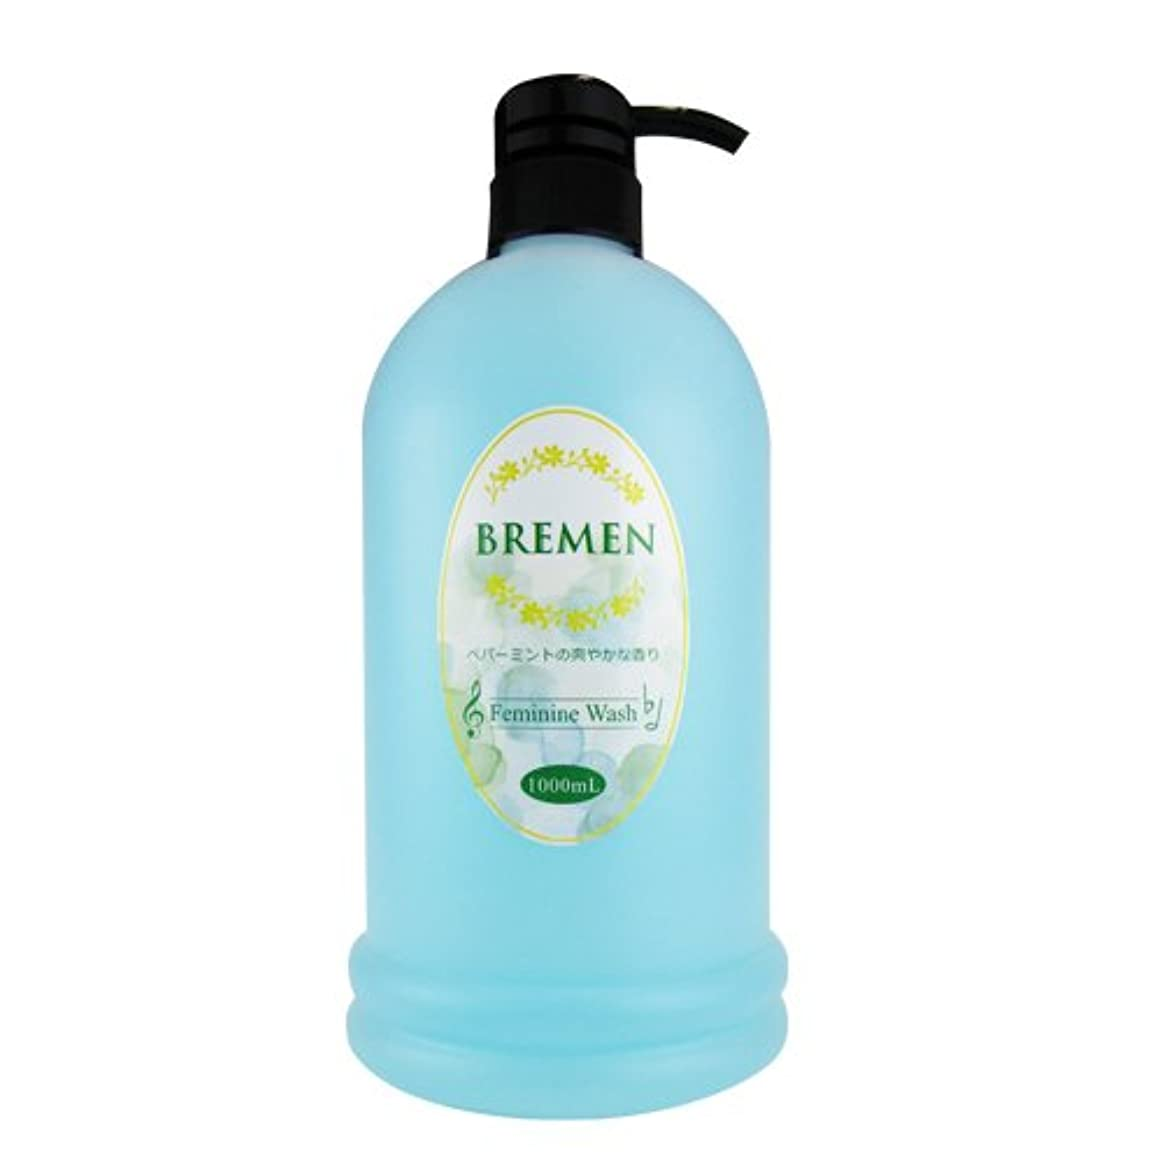 コンサートペリスコープ協同ブレーメン(BREMEN) フェミニンウォッシュ(Feminine Wash) 1000ml ペパーミントの爽やかな香り